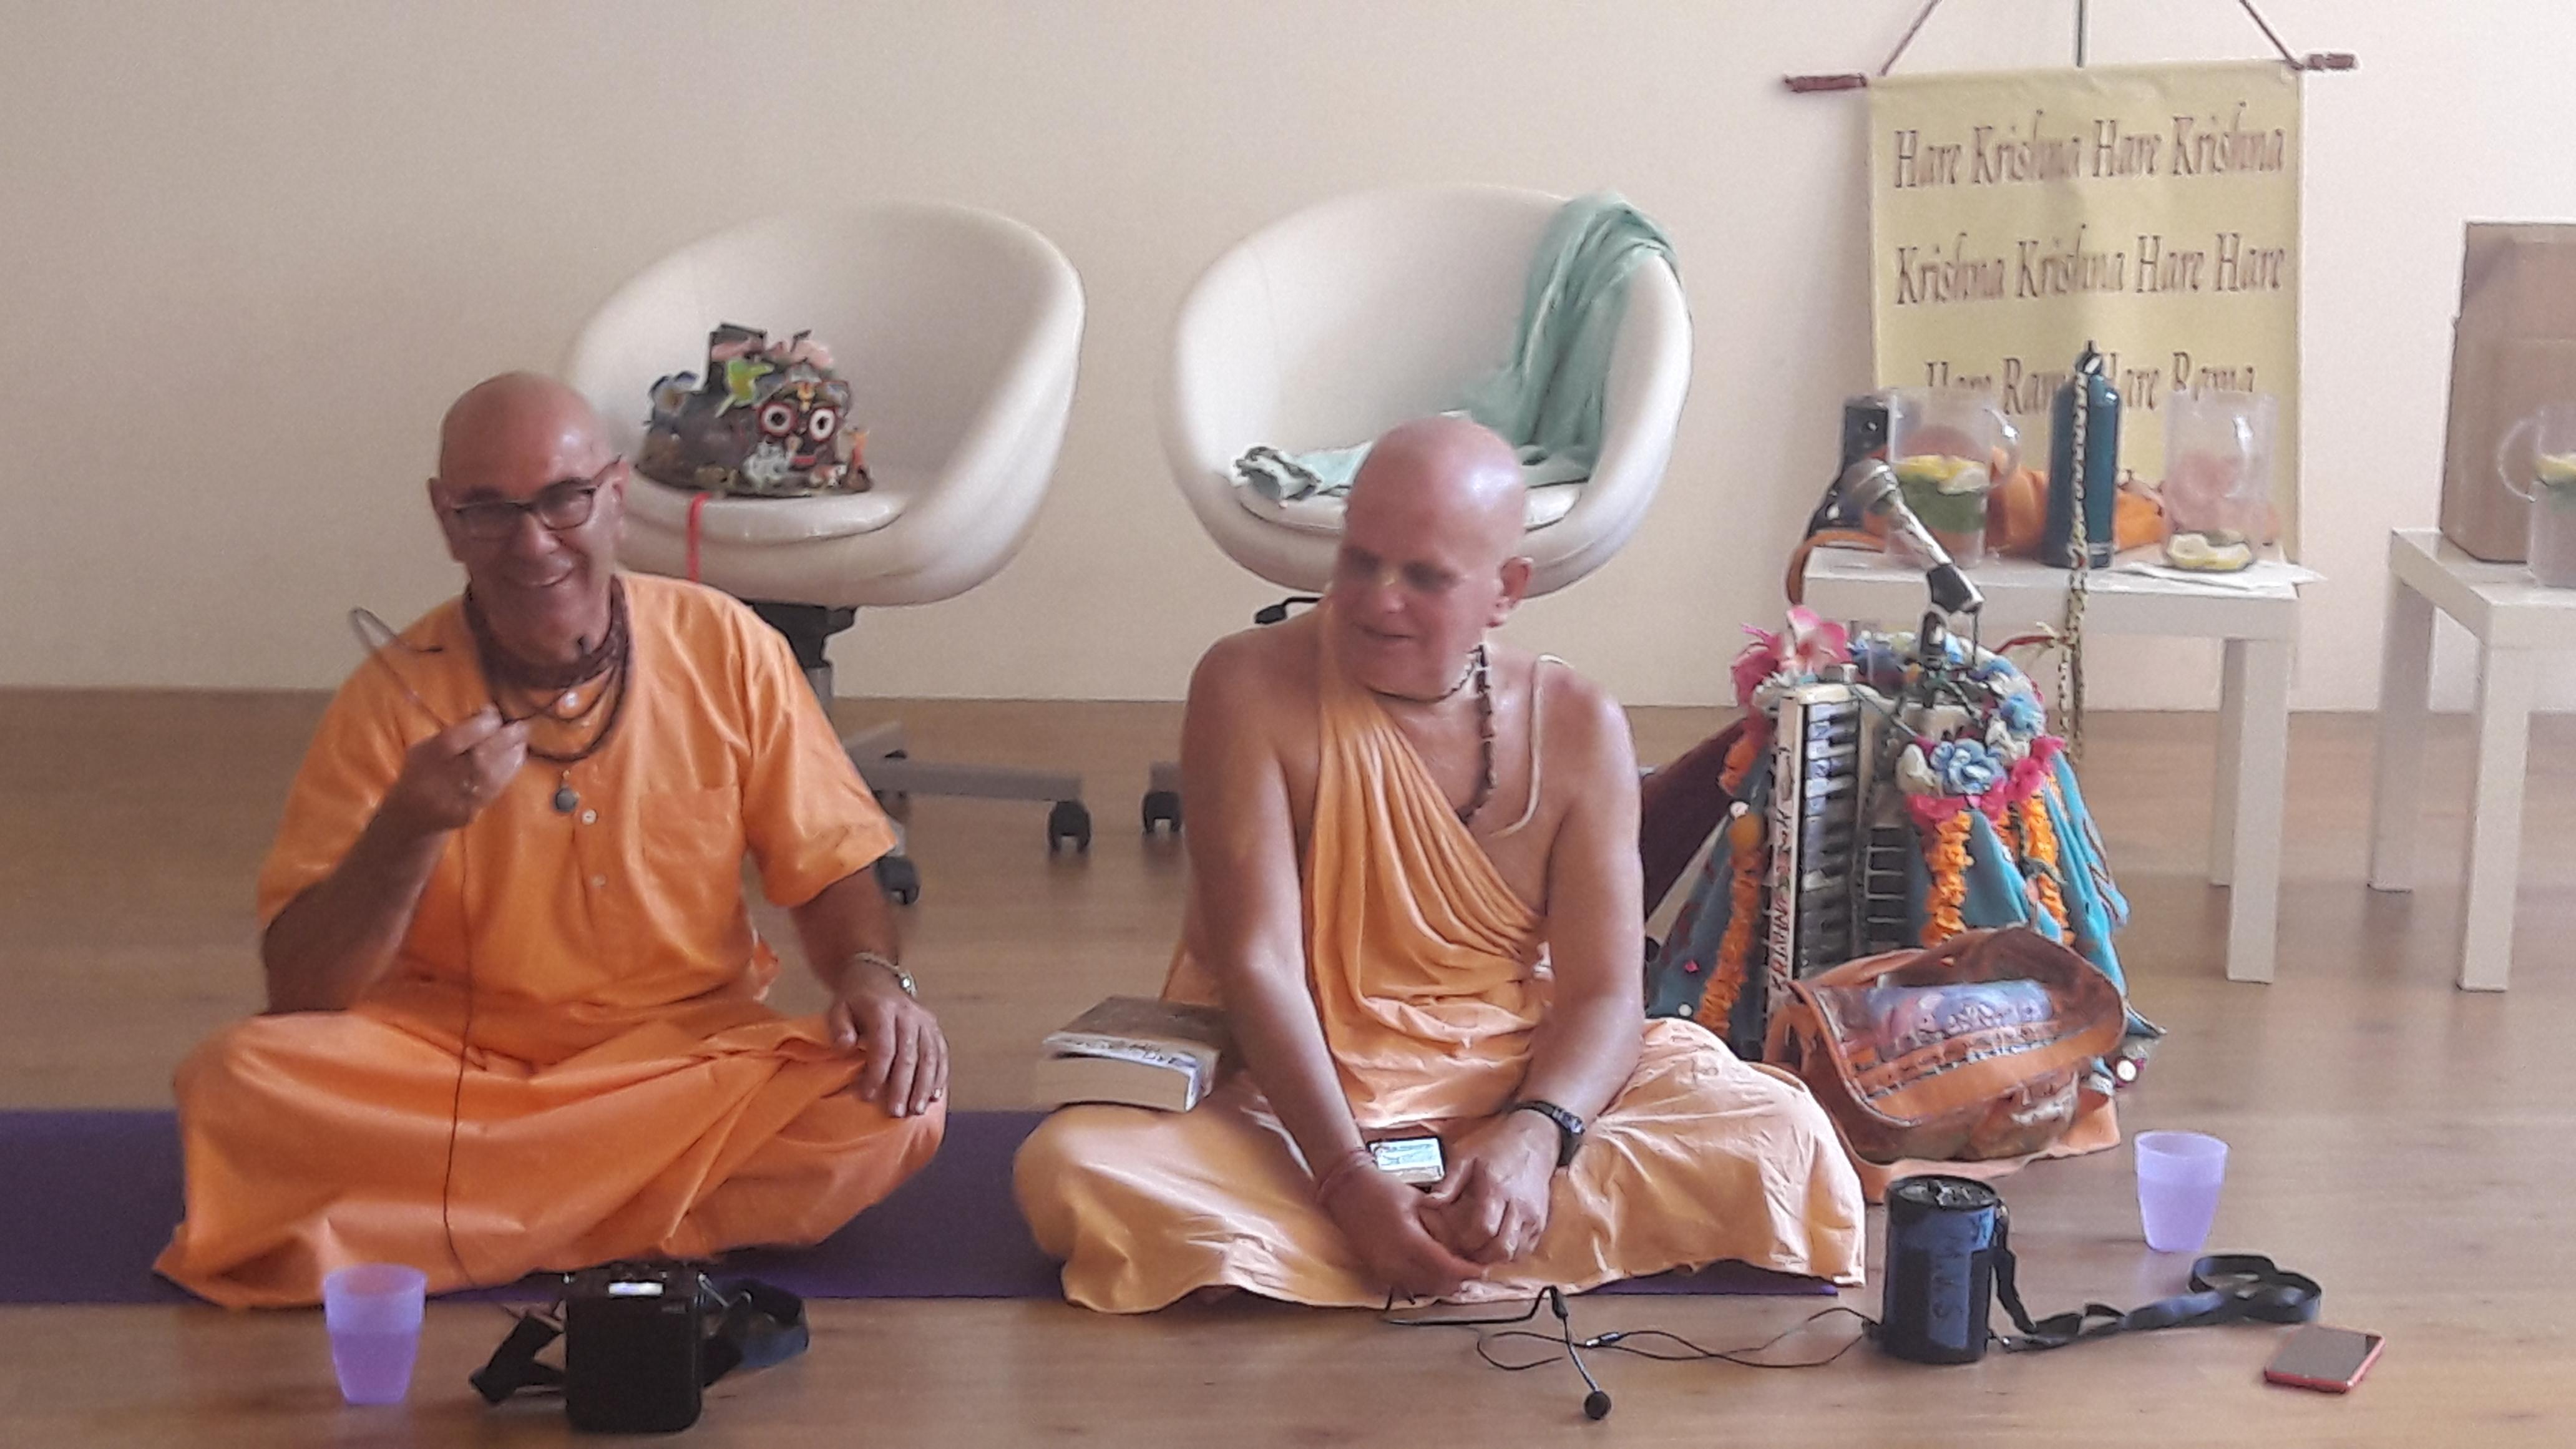 essere-free-yoga-gratuito-benessere-per-tutti-village-citta-alassio-estate-lucia-ragazzi-summer-town-bhakti-guru-swami